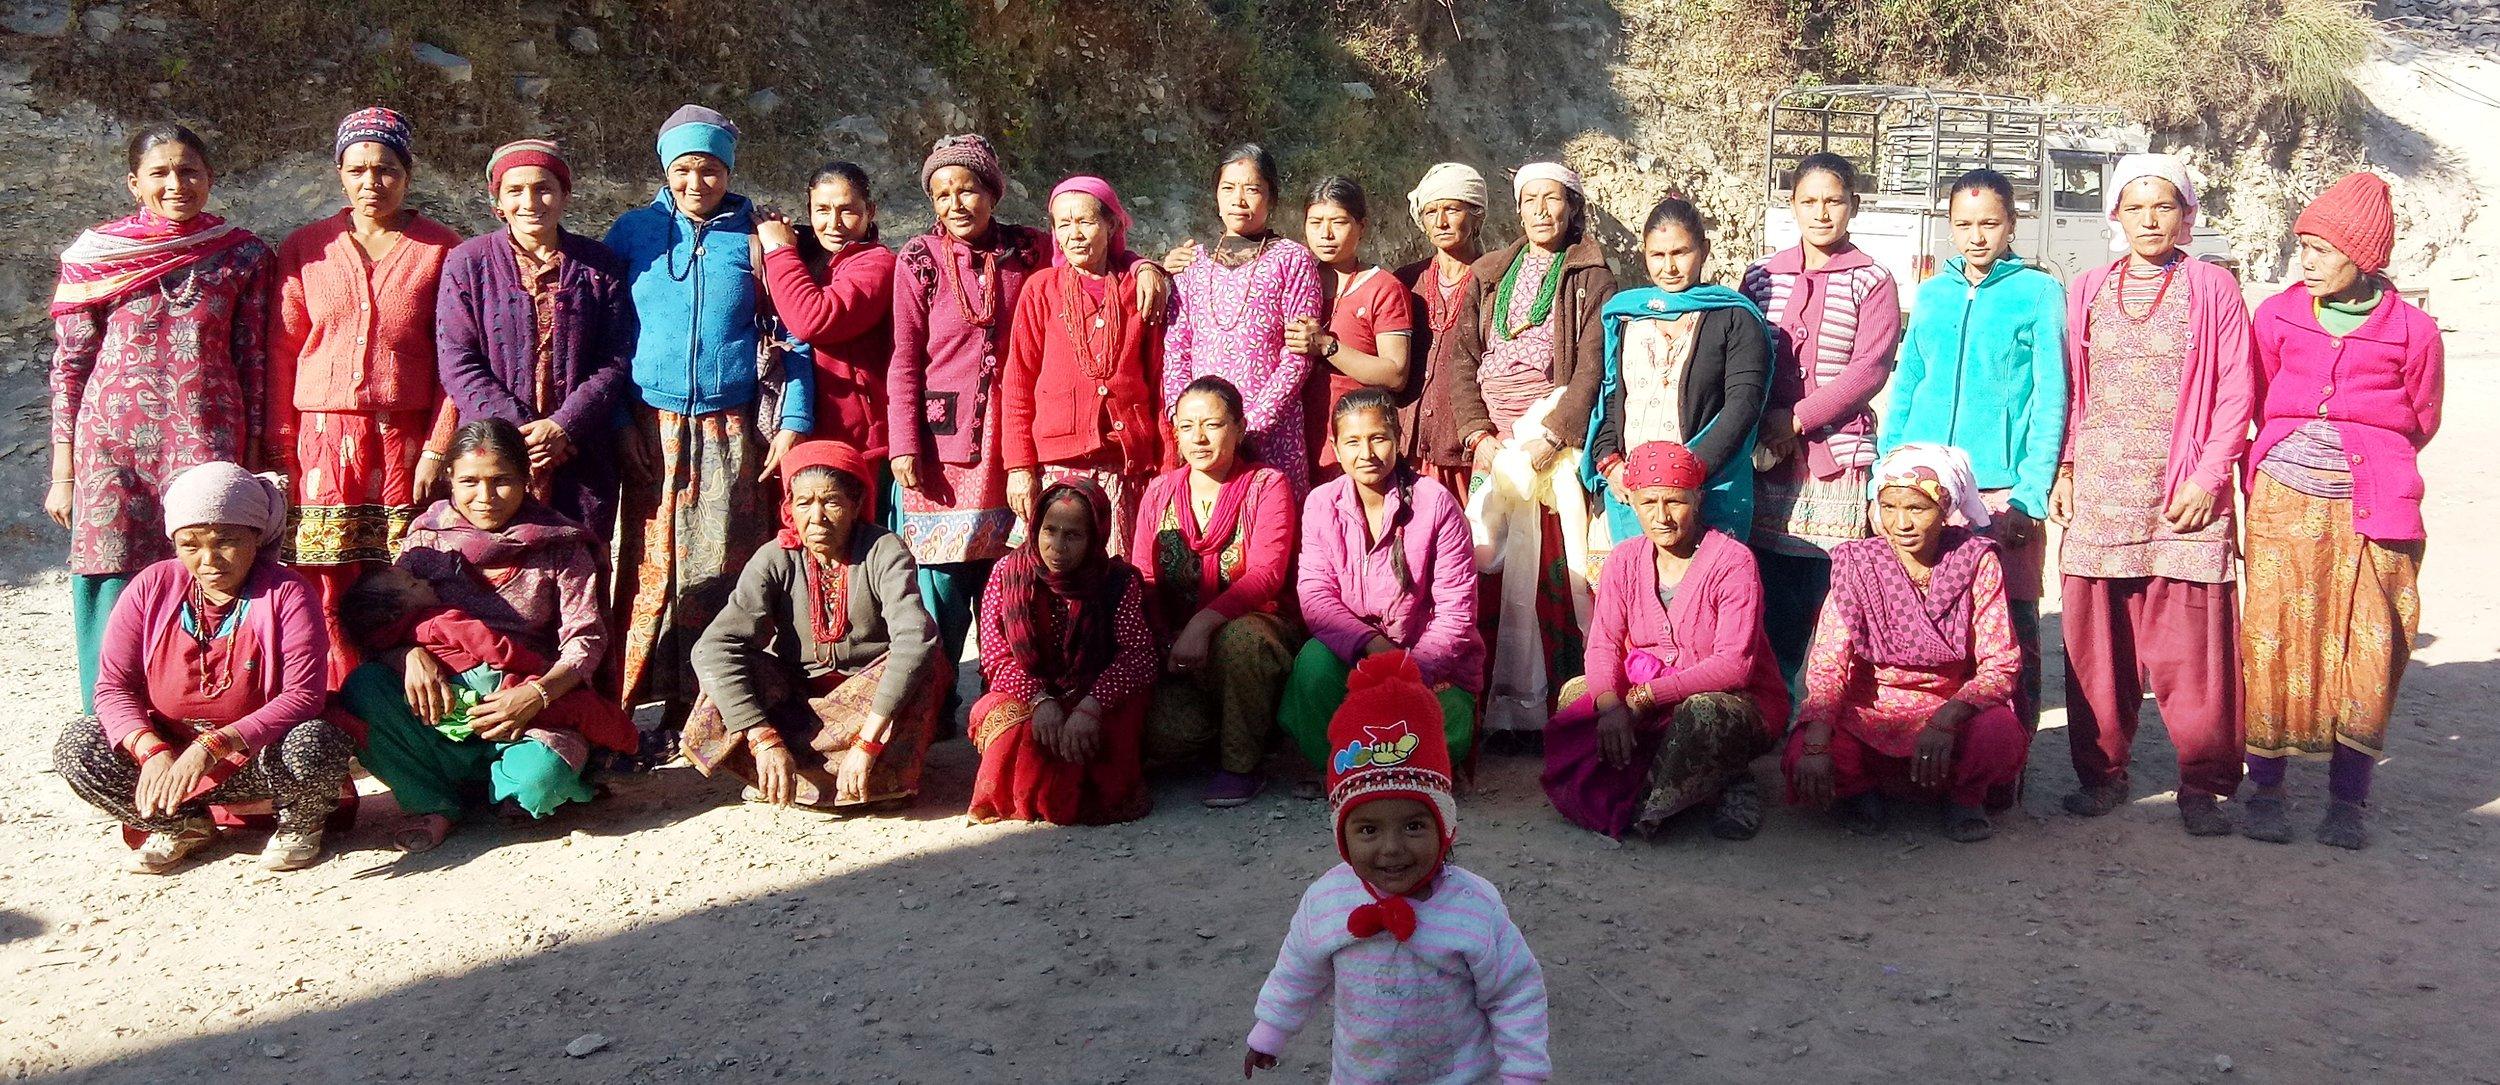 women empowerment in Nepal